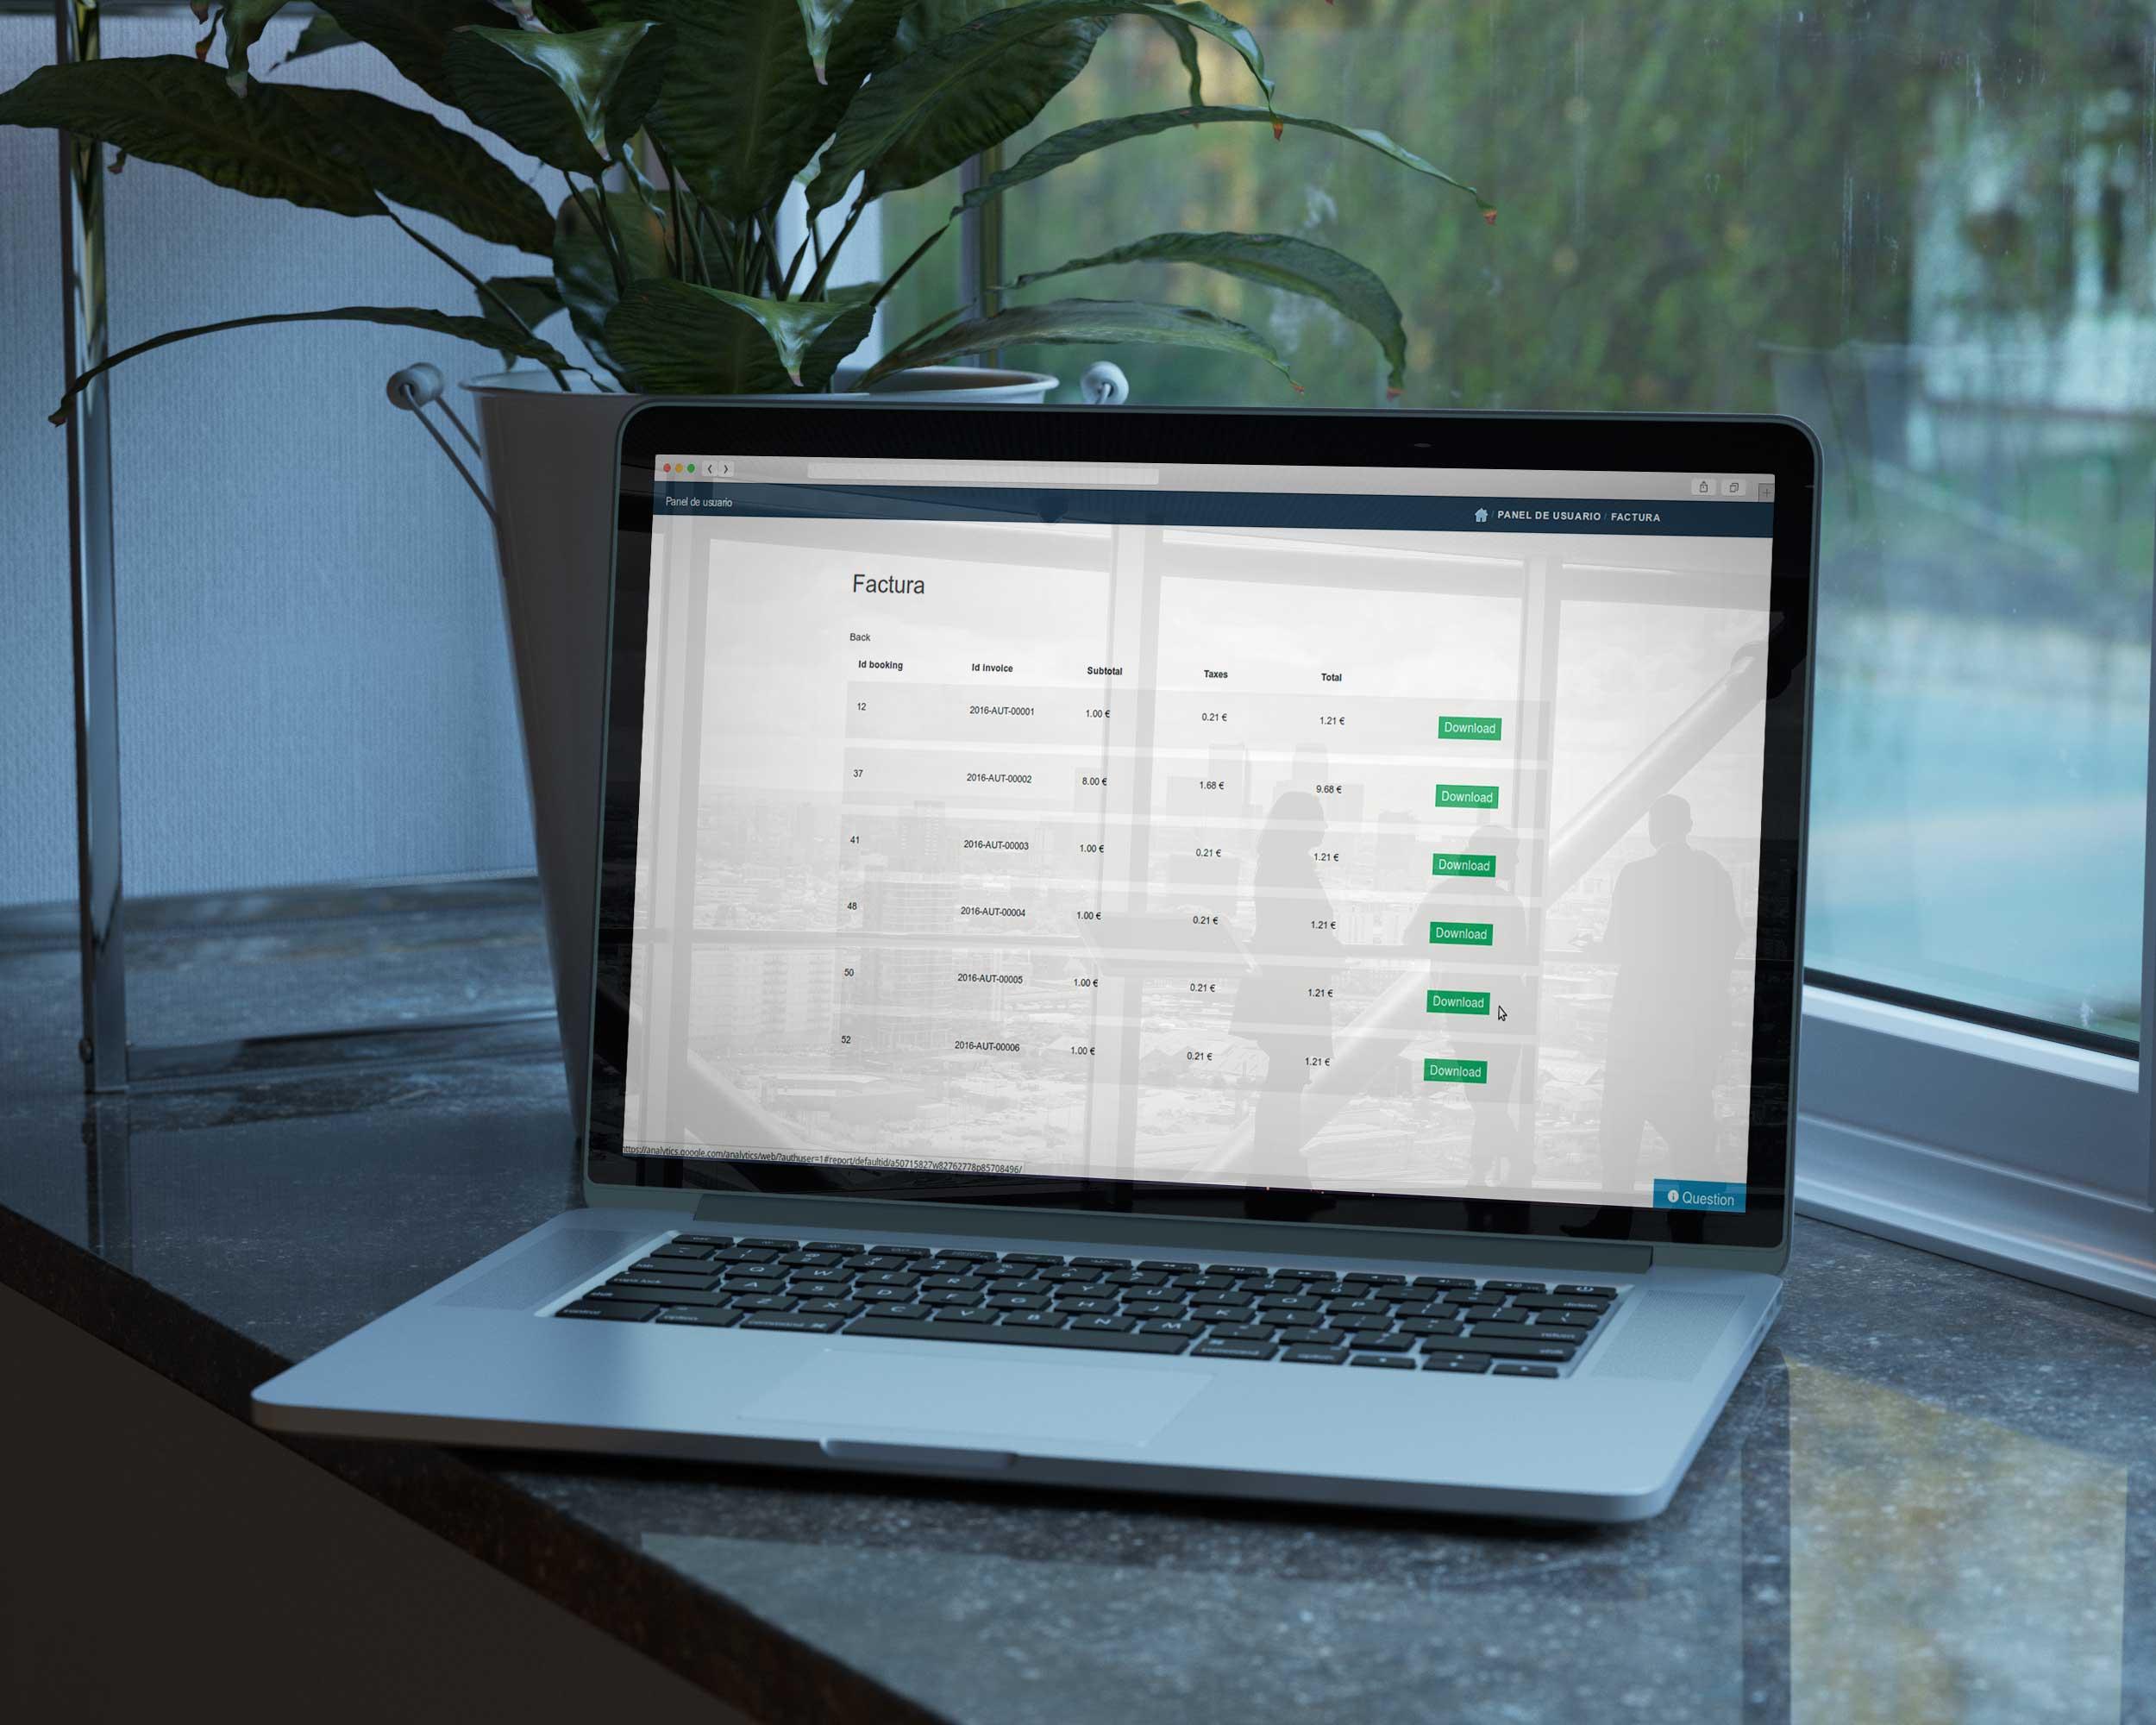 Gestión de facturas online